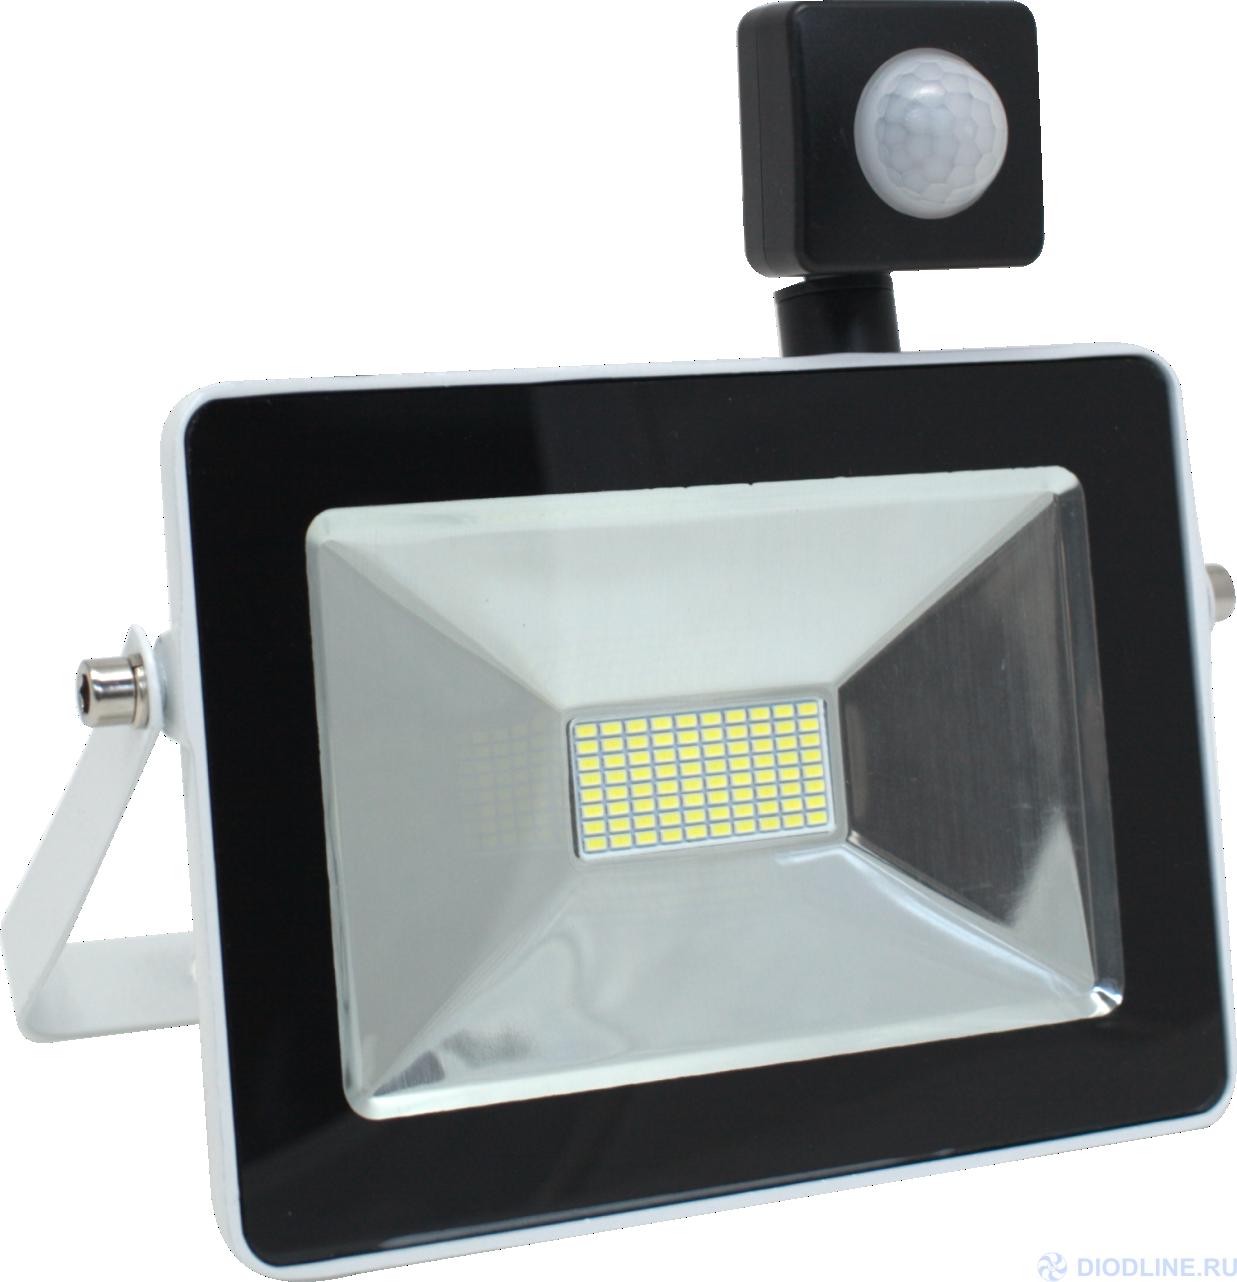 Уличные светодиодные прожекторы с датчиком движения | LED Central.ru